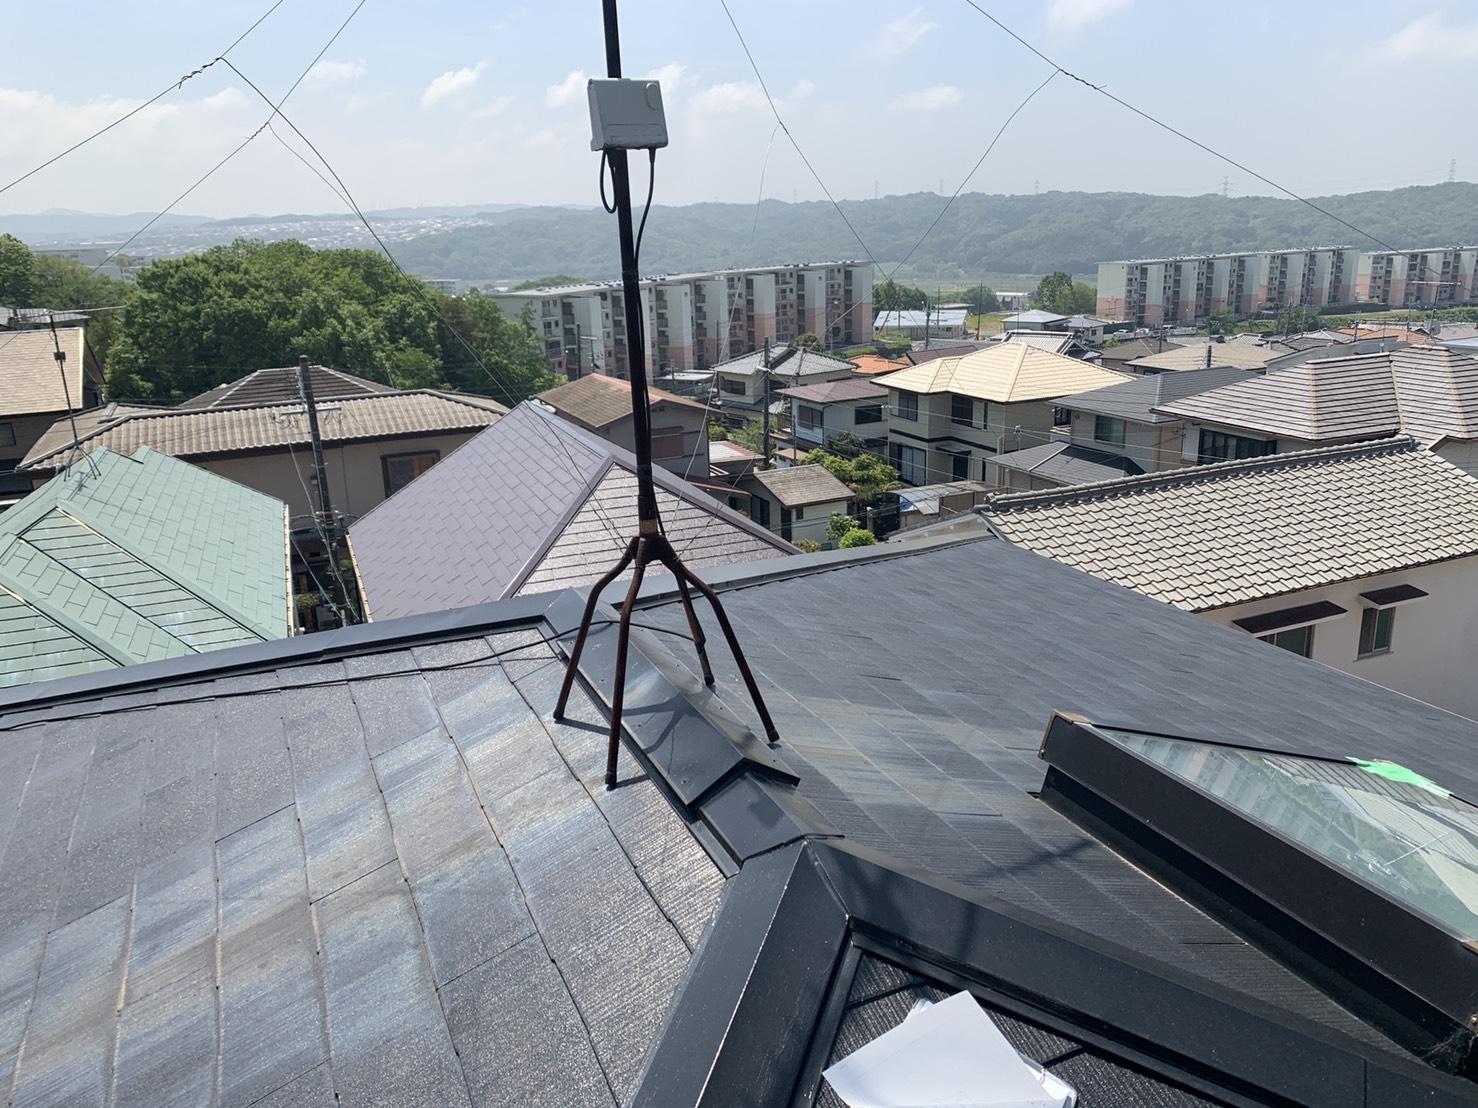 三木市で天窓からの雨漏りを応急処置した屋根の様子